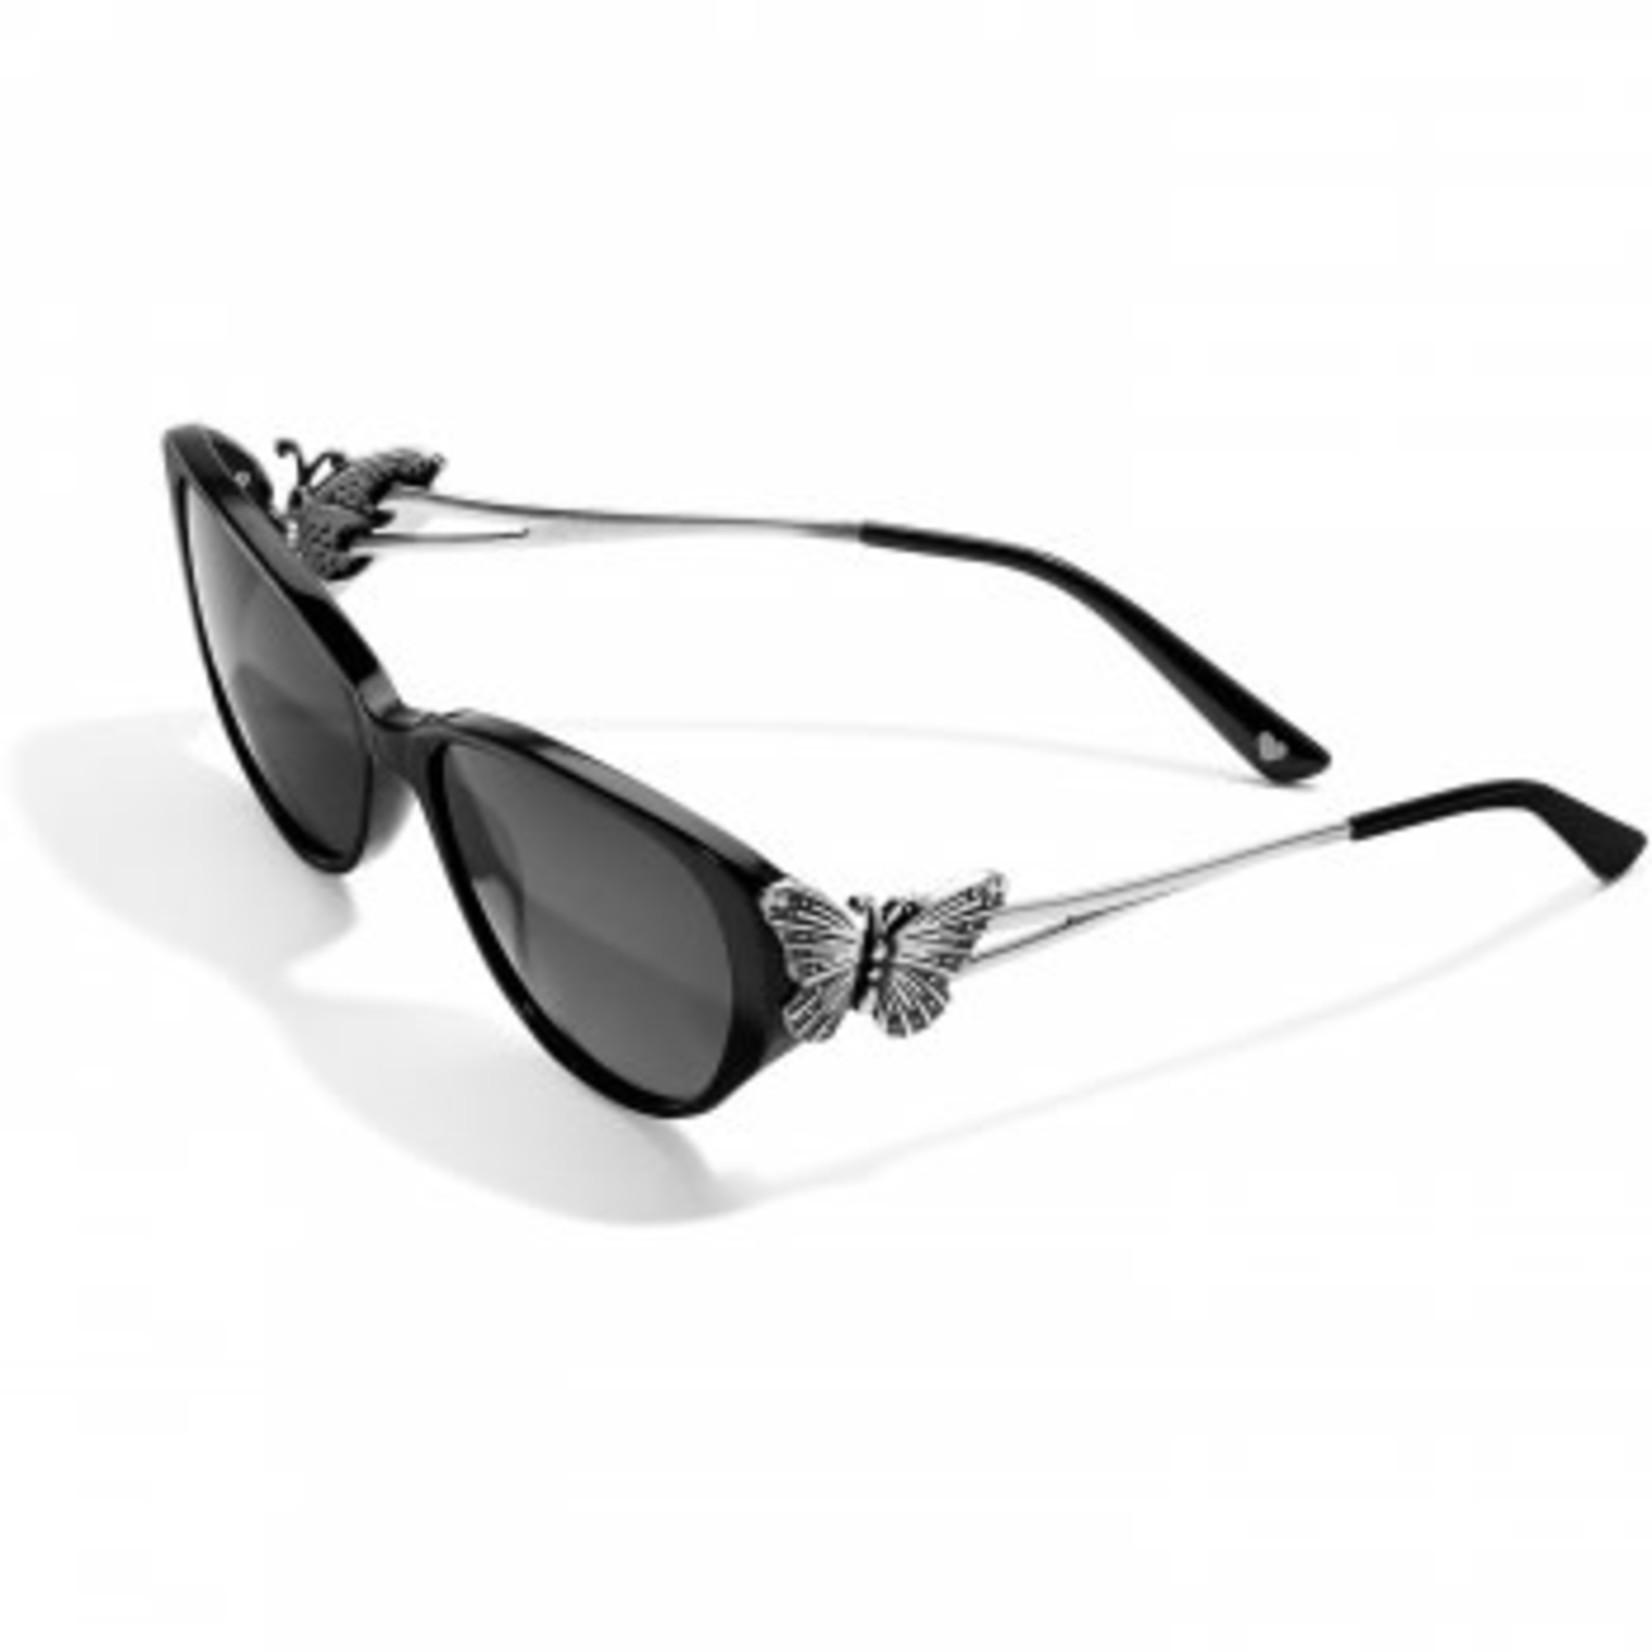 Brighton Social Lite Sunglasses Black-Silver